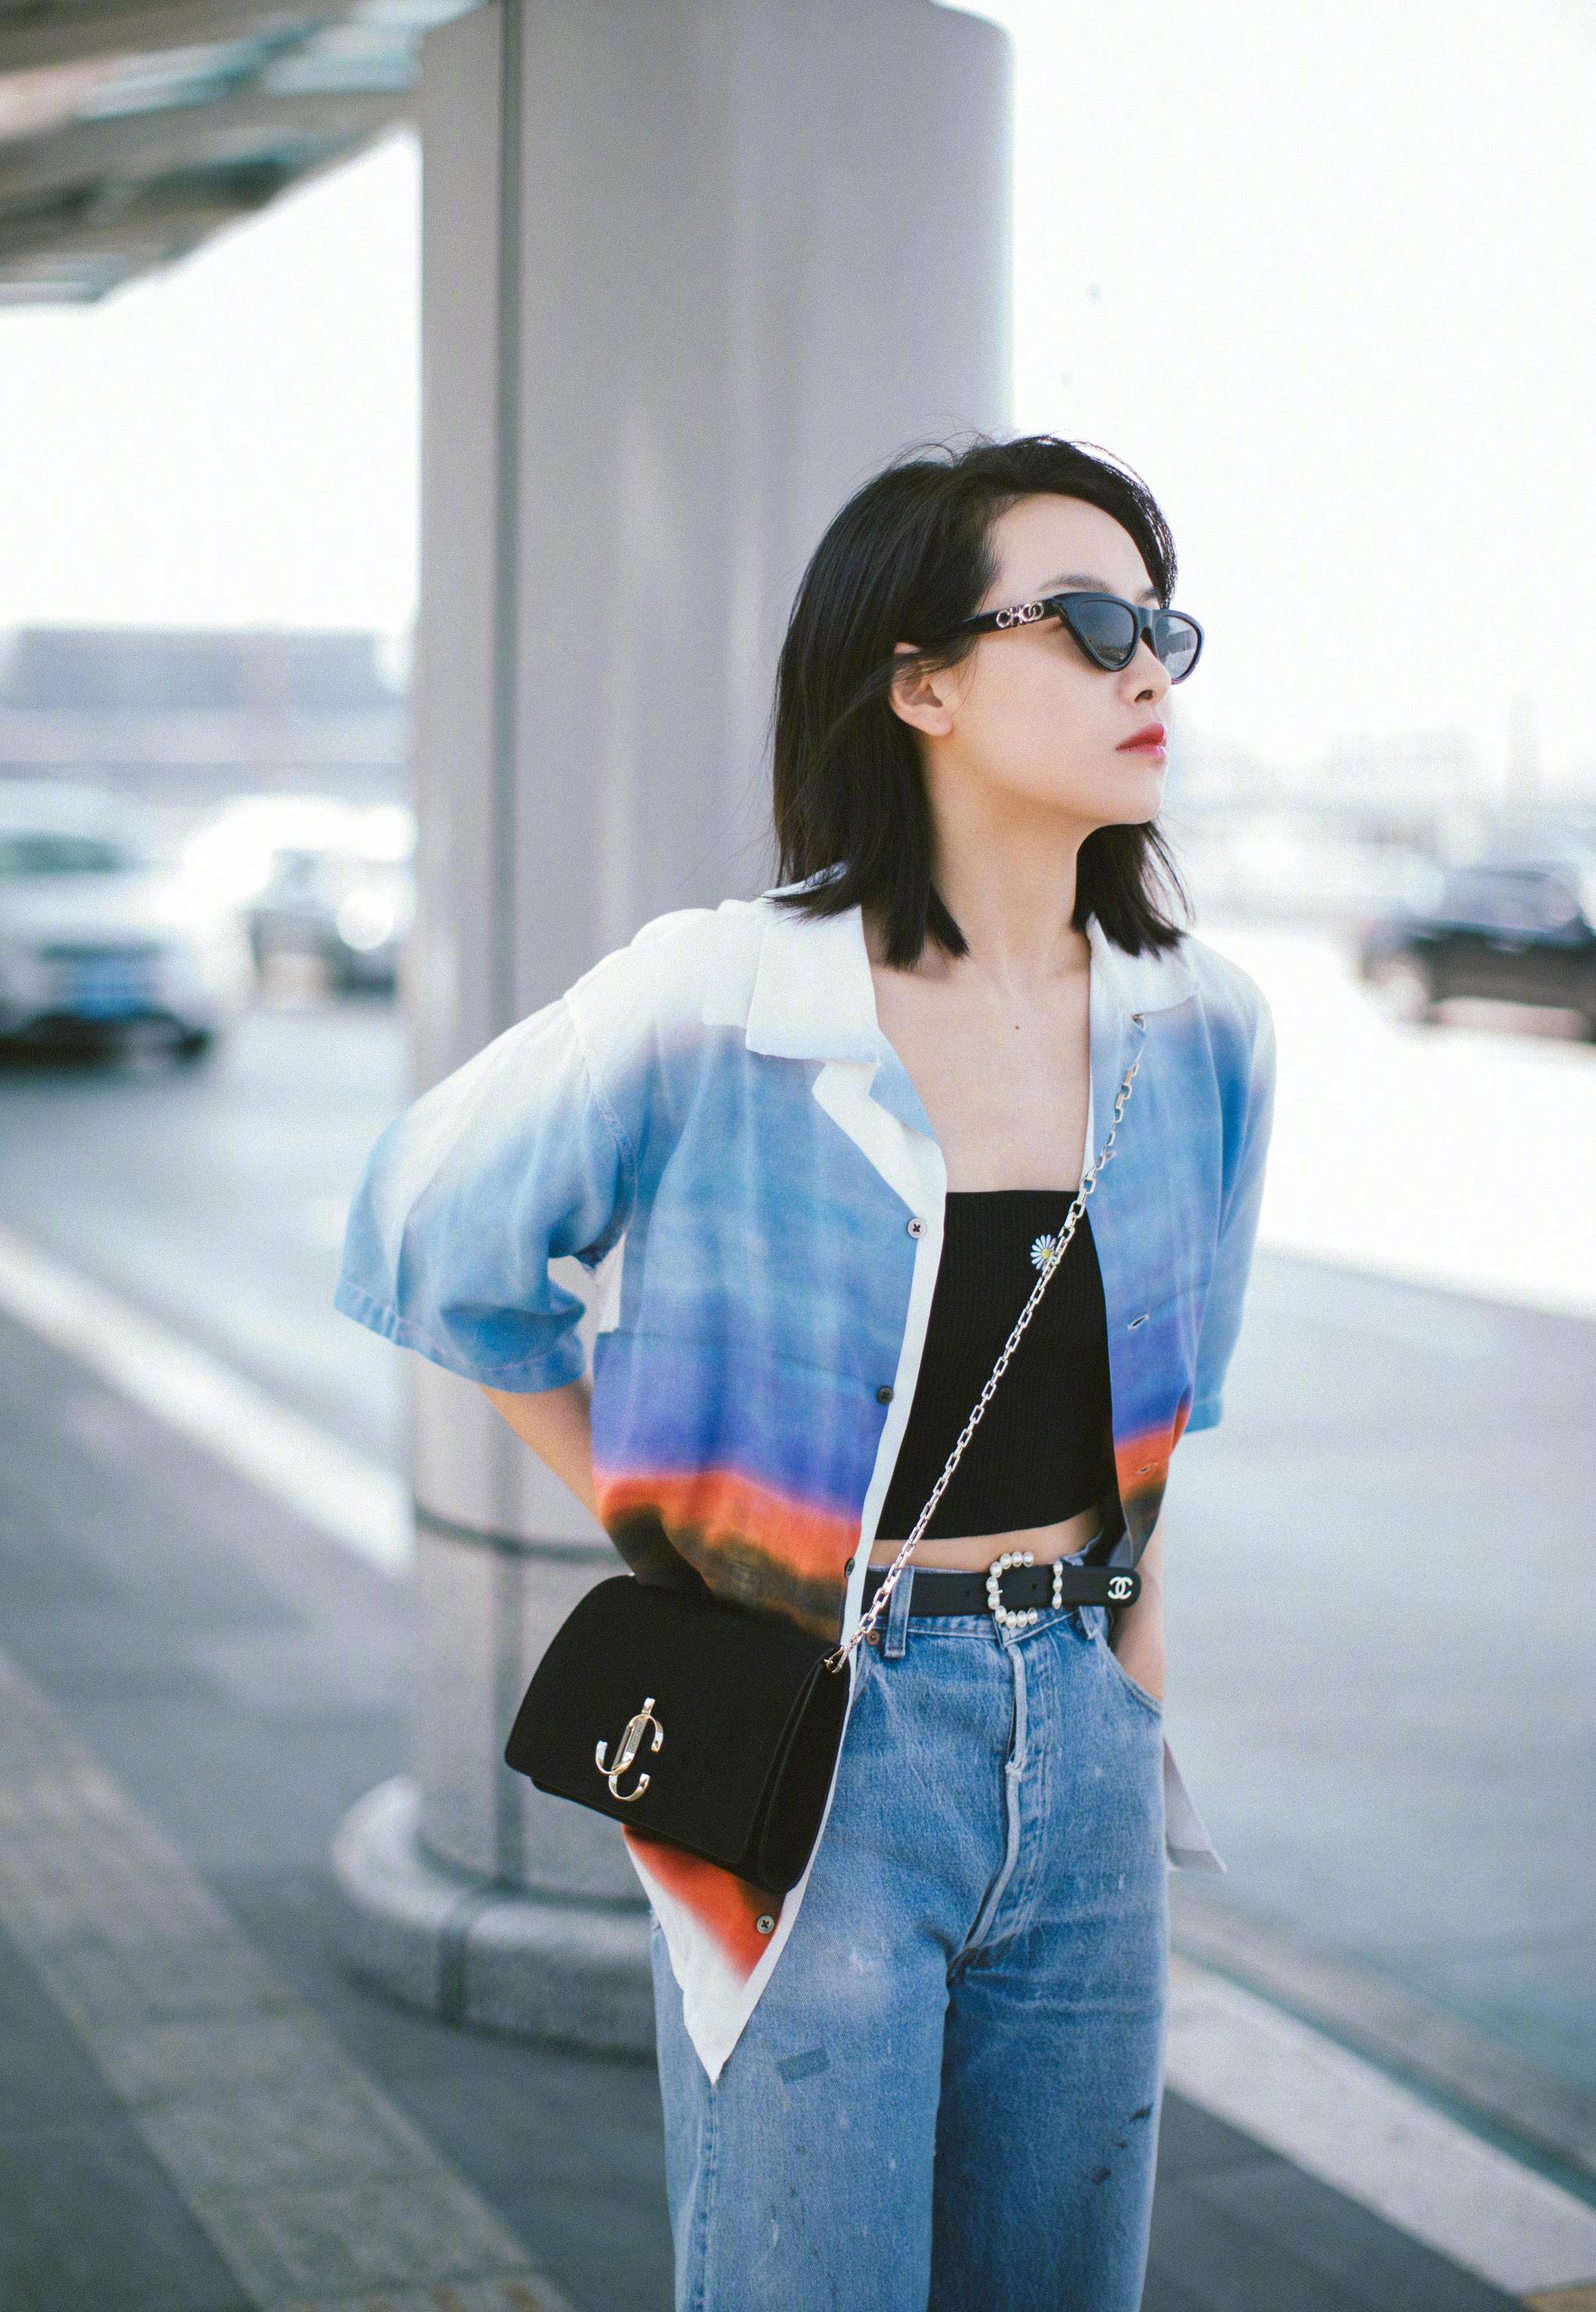 宋茜身穿渐变色衬衫现身机场,潮流感十足的搭配又飒又性感~